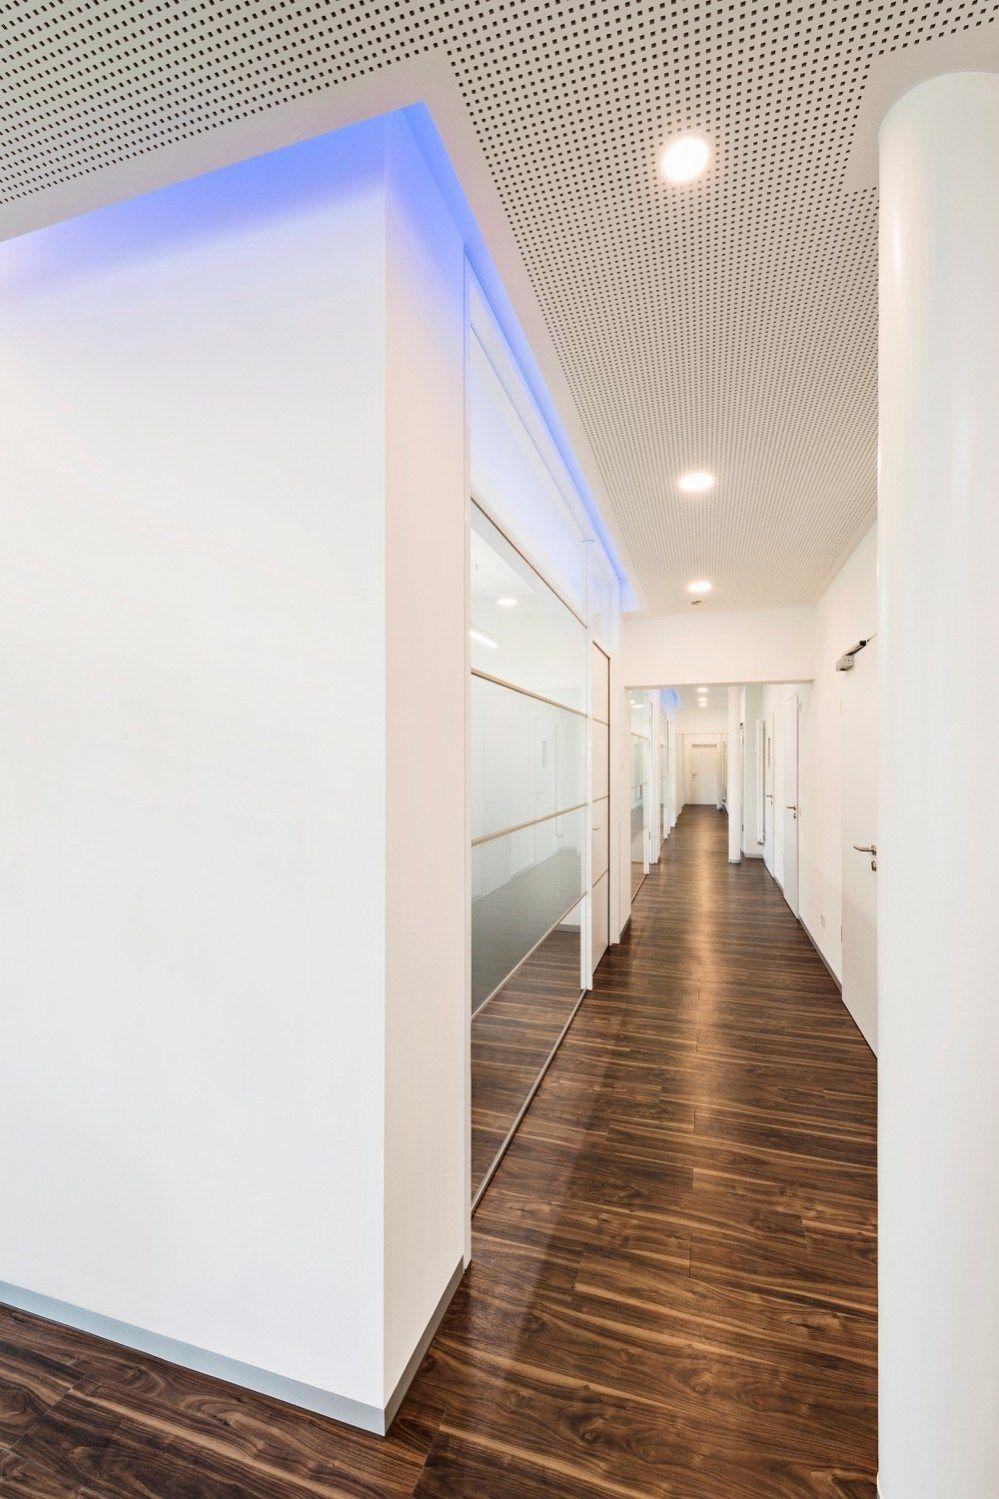 Innenarchitektur Innenarchitektur Bremen Das Beste Von Arztpraxen + Zahnarztpraxen | | Umbauprojekte |